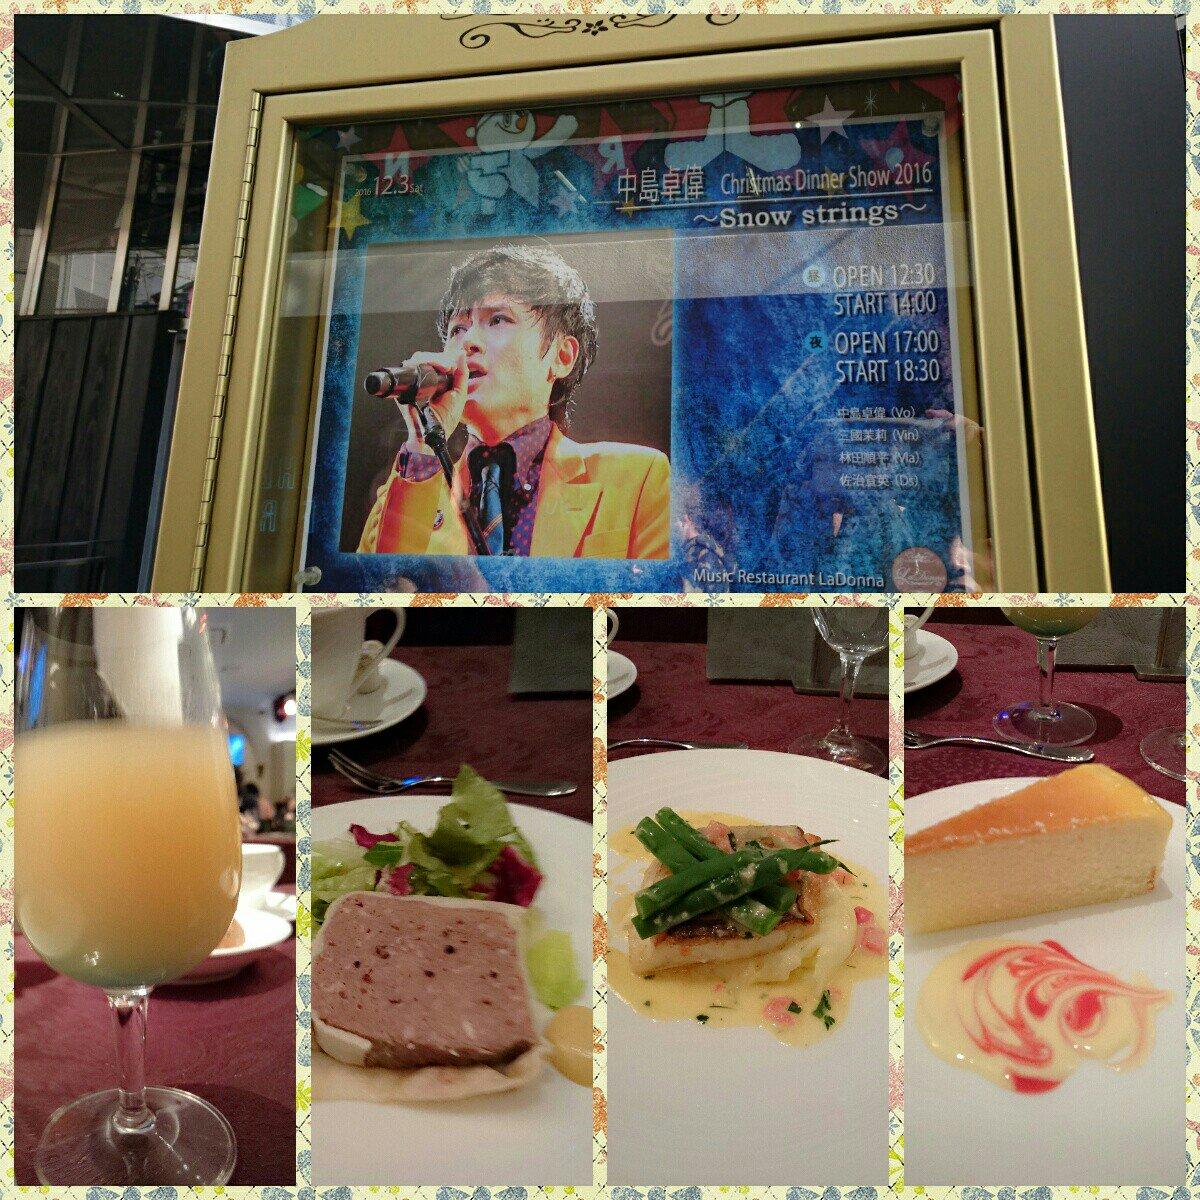 【エンタメ画像】中島卓偉ディナーショーのコース料理が美味そう